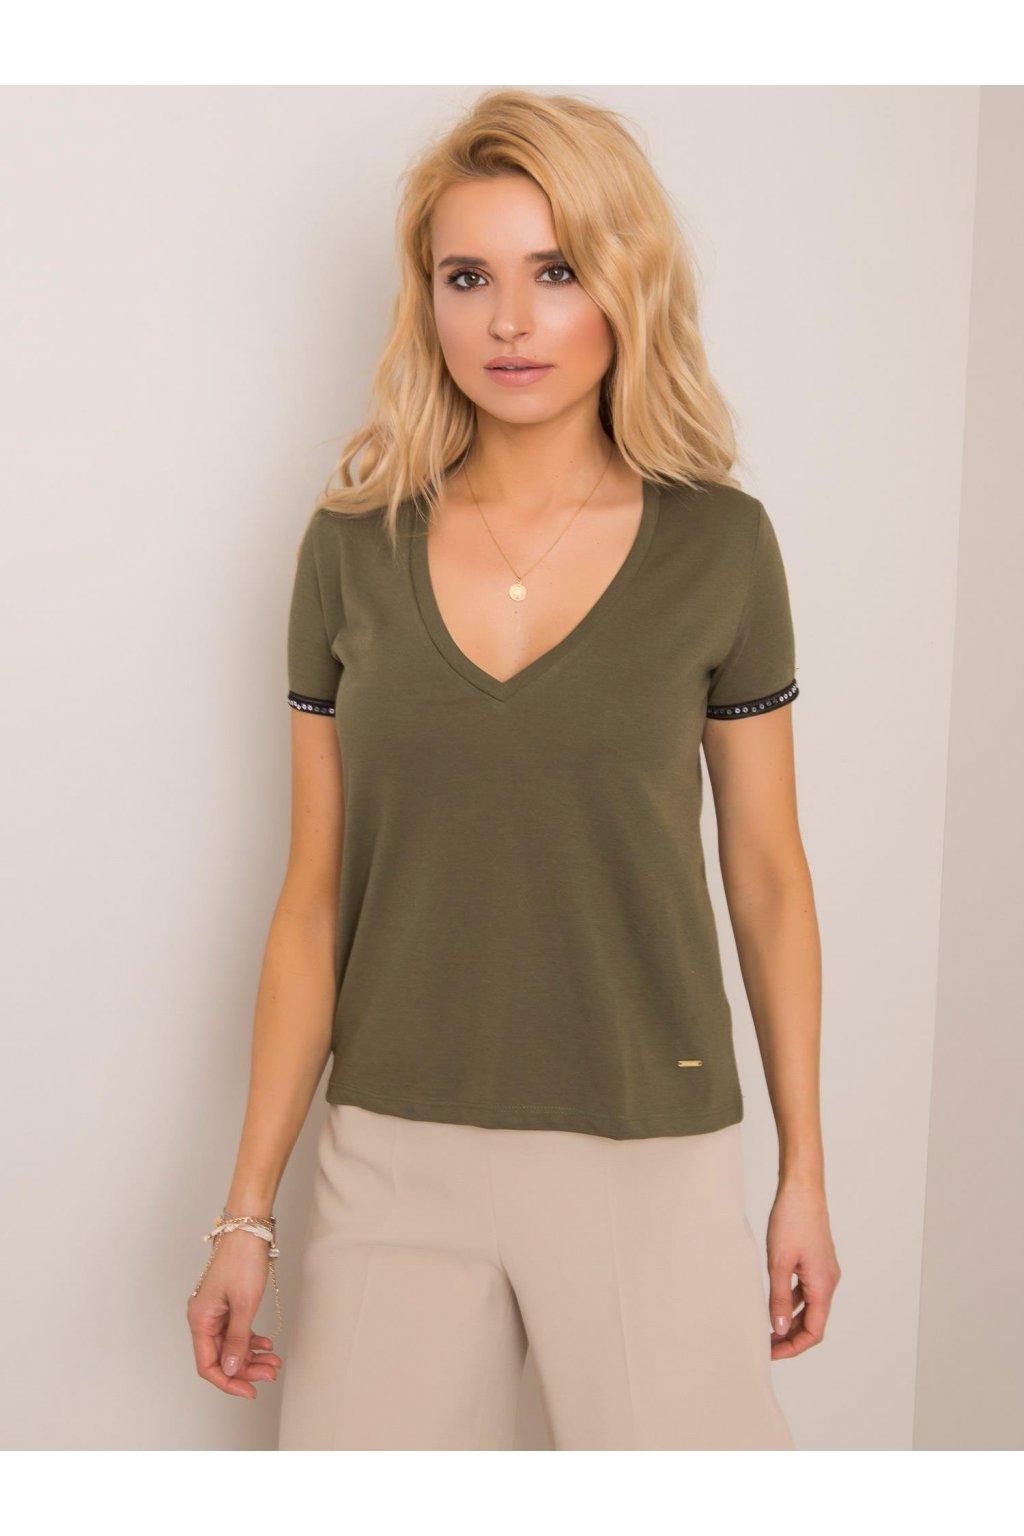 Dámske tričko jednofarebné kód TW-TS-G-049.62P